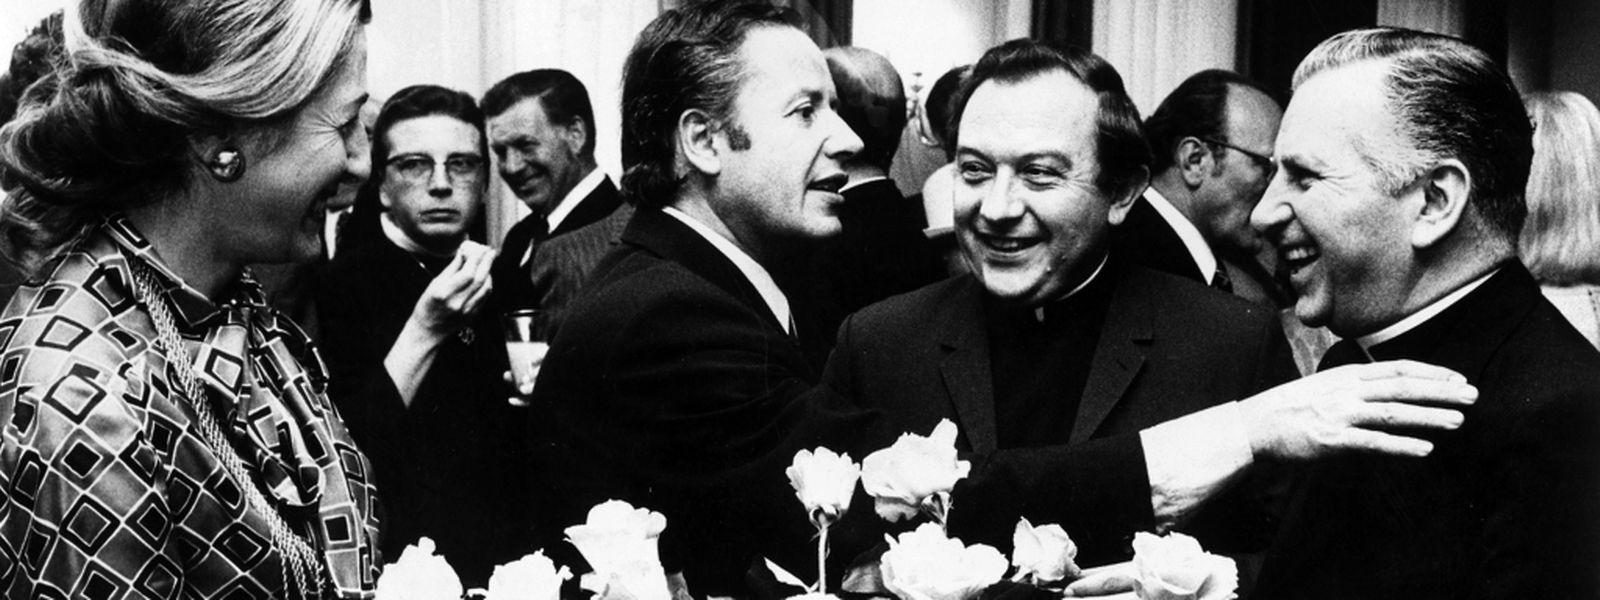 Die Spitzen des öffentlichen und kirchlichen Lebens, u.a. Regierungspräsident Gaston Thorn (unser Bild), Vize-Präsident Raymond Vouel und weitere Regierungsmitglieder, am 28. Juni 1974 in der Residenz des Bischofs beim Empfang zum silbernen Bischofsjubiläum von Bischof Léon Lommel.